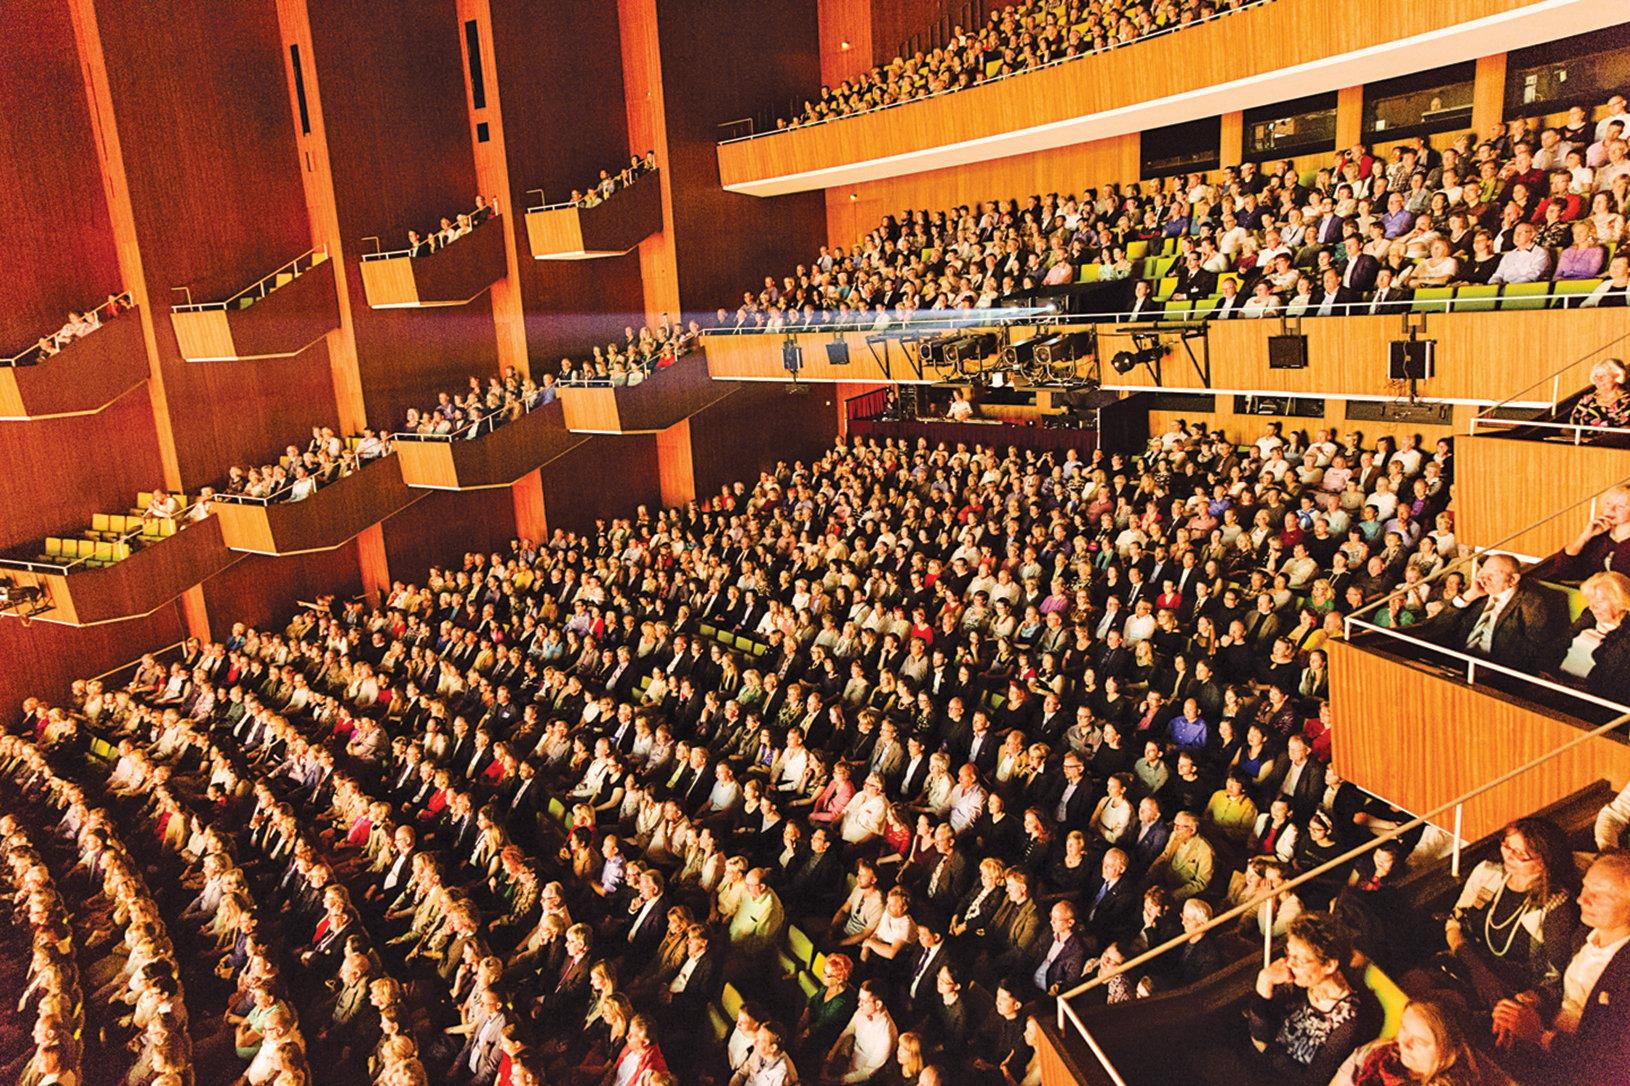 神韻紐約藝術團4 月9 日在柏林德意志音樂劇院的首場演出大爆滿。(Mathias Kehrein/大紀元)